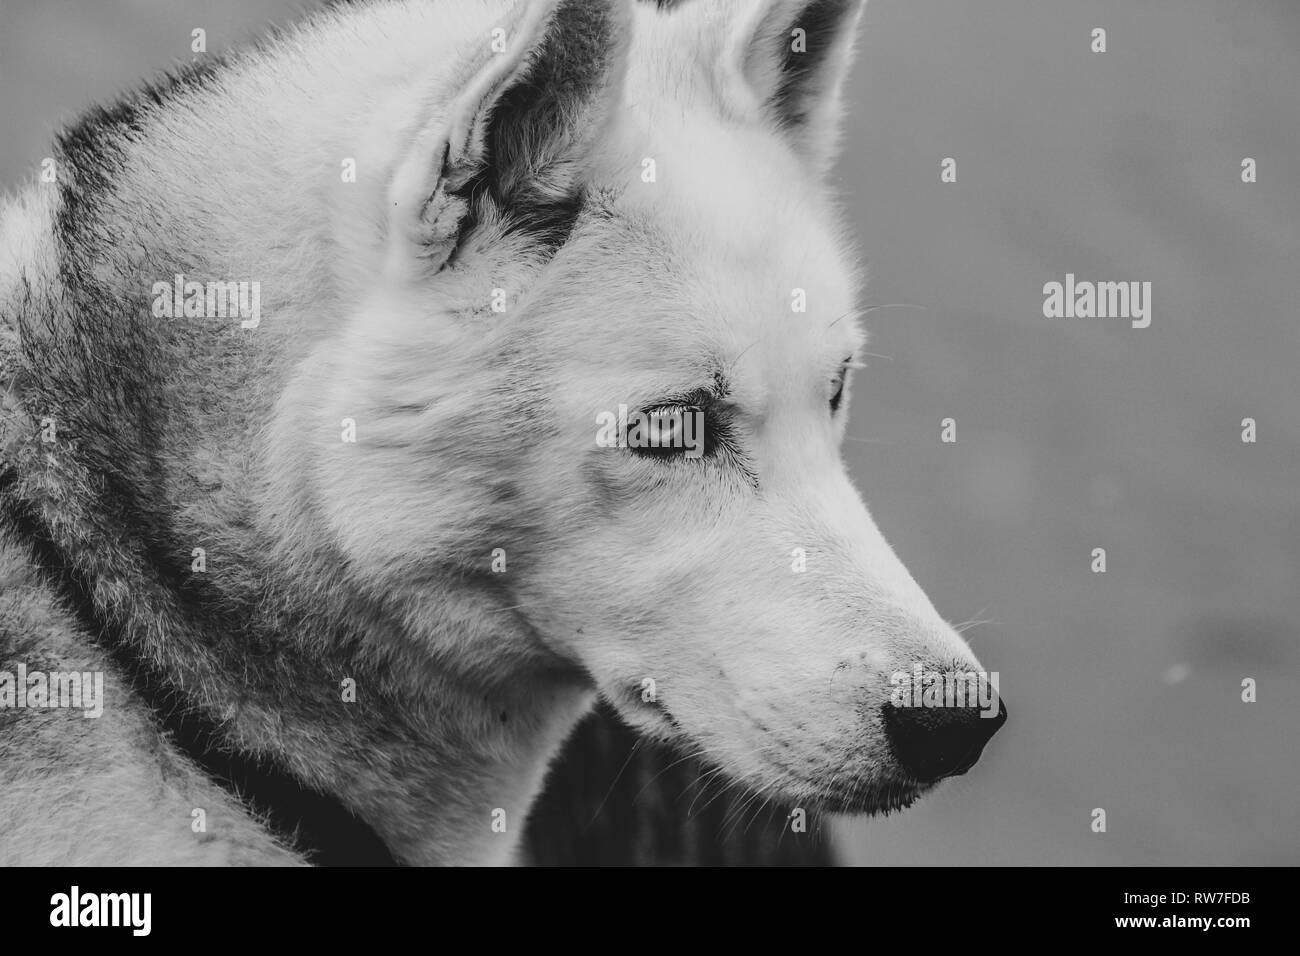 siberian husky studio shoot. isolated on gray. - Stock Image